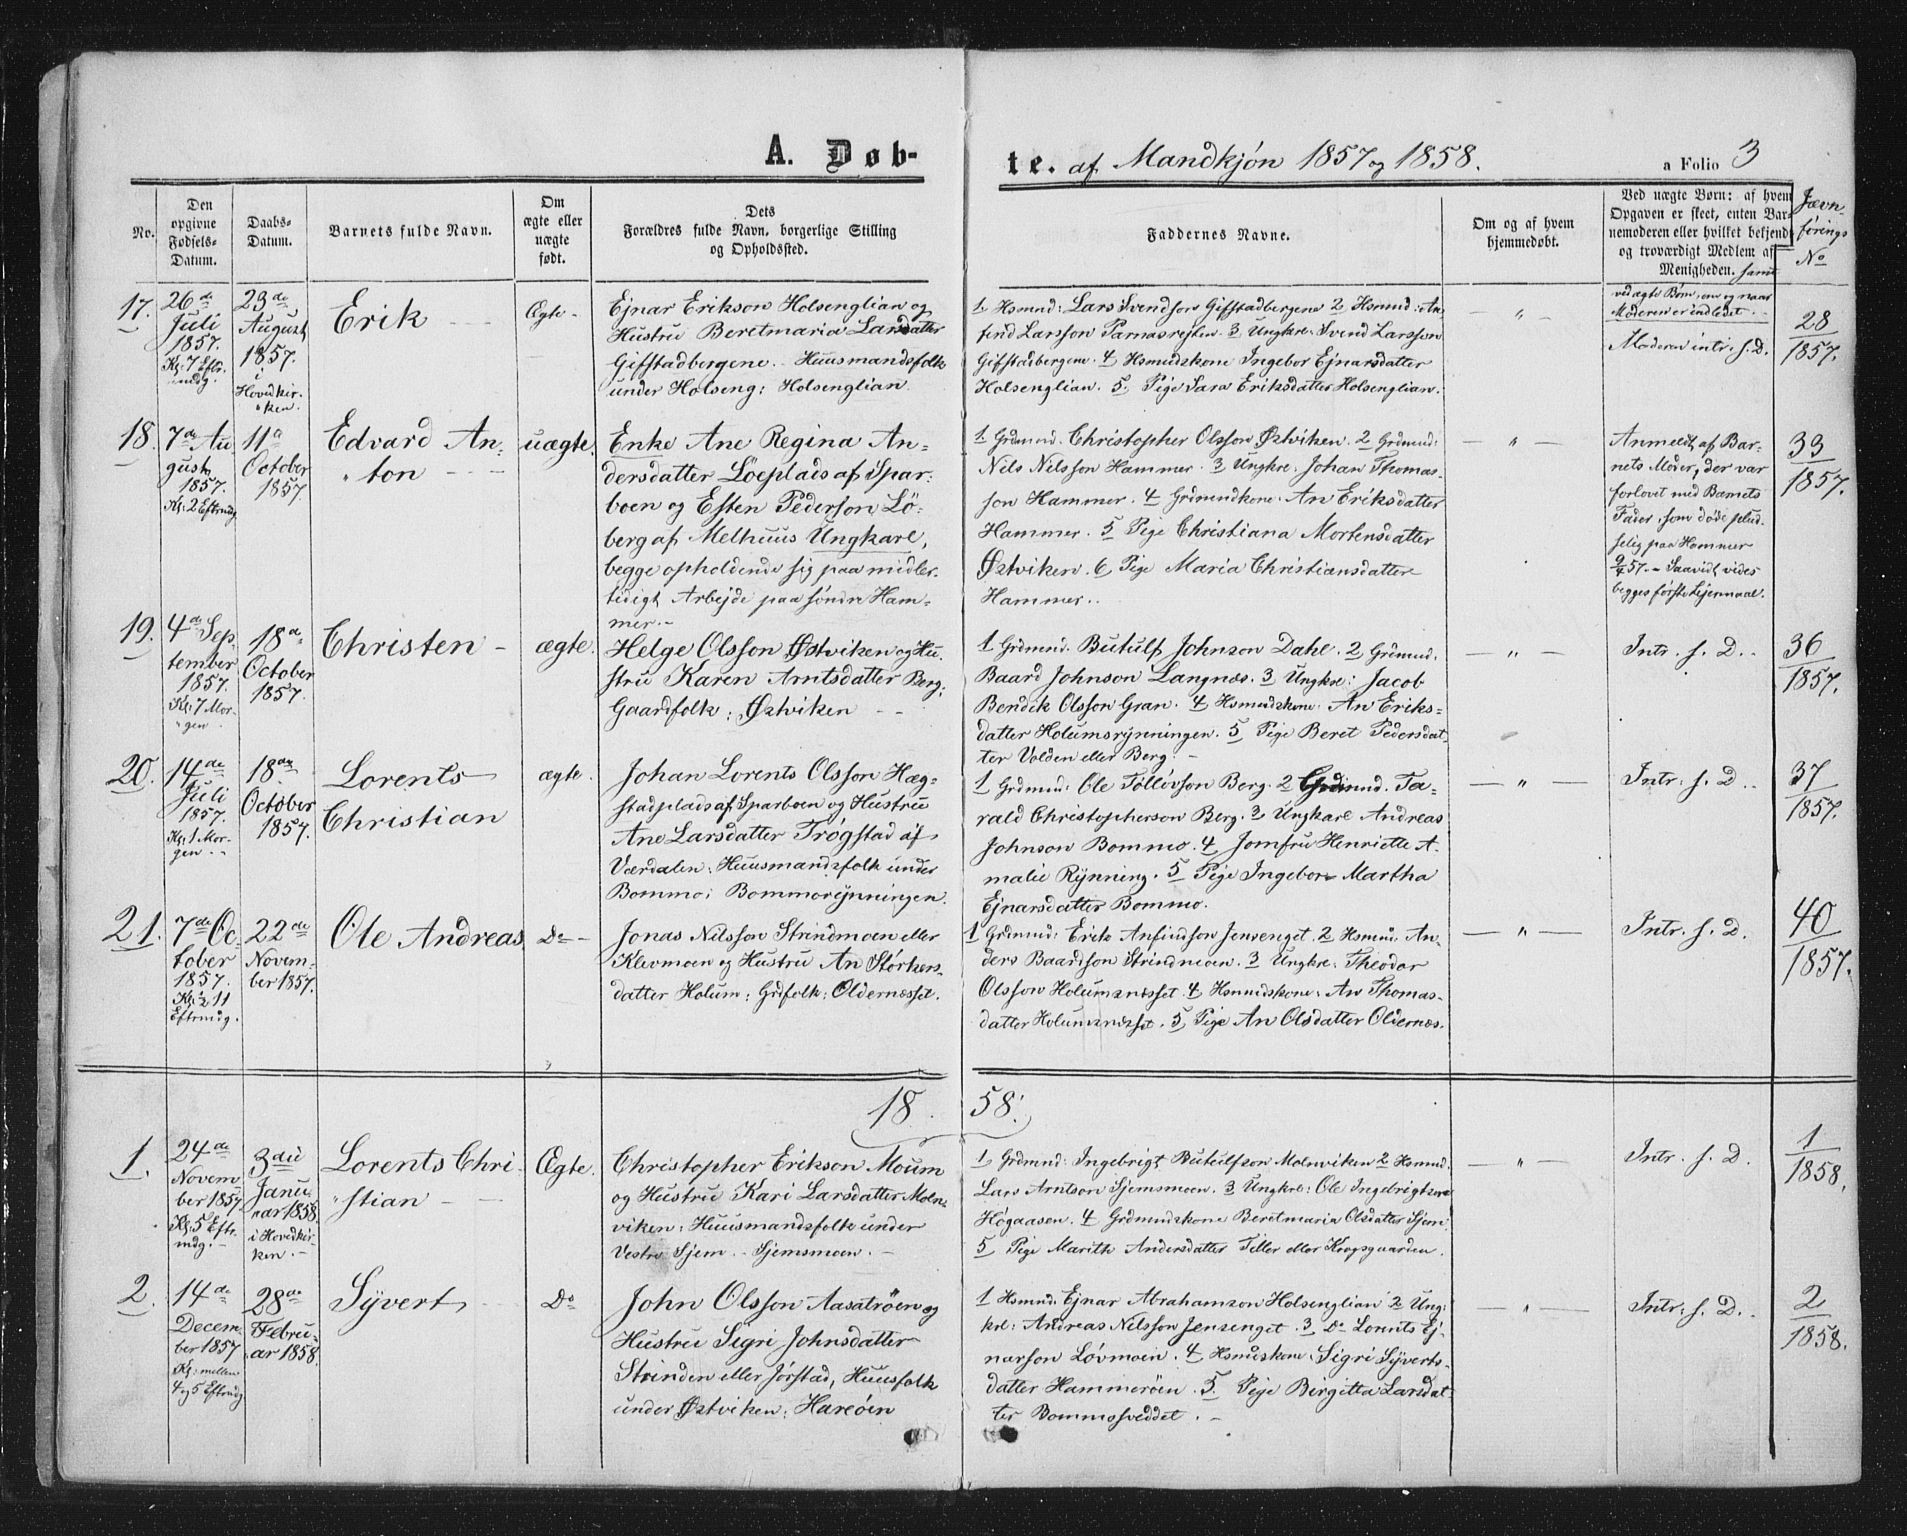 SAT, Ministerialprotokoller, klokkerbøker og fødselsregistre - Nord-Trøndelag, 749/L0472: Ministerialbok nr. 749A06, 1857-1873, s. 3